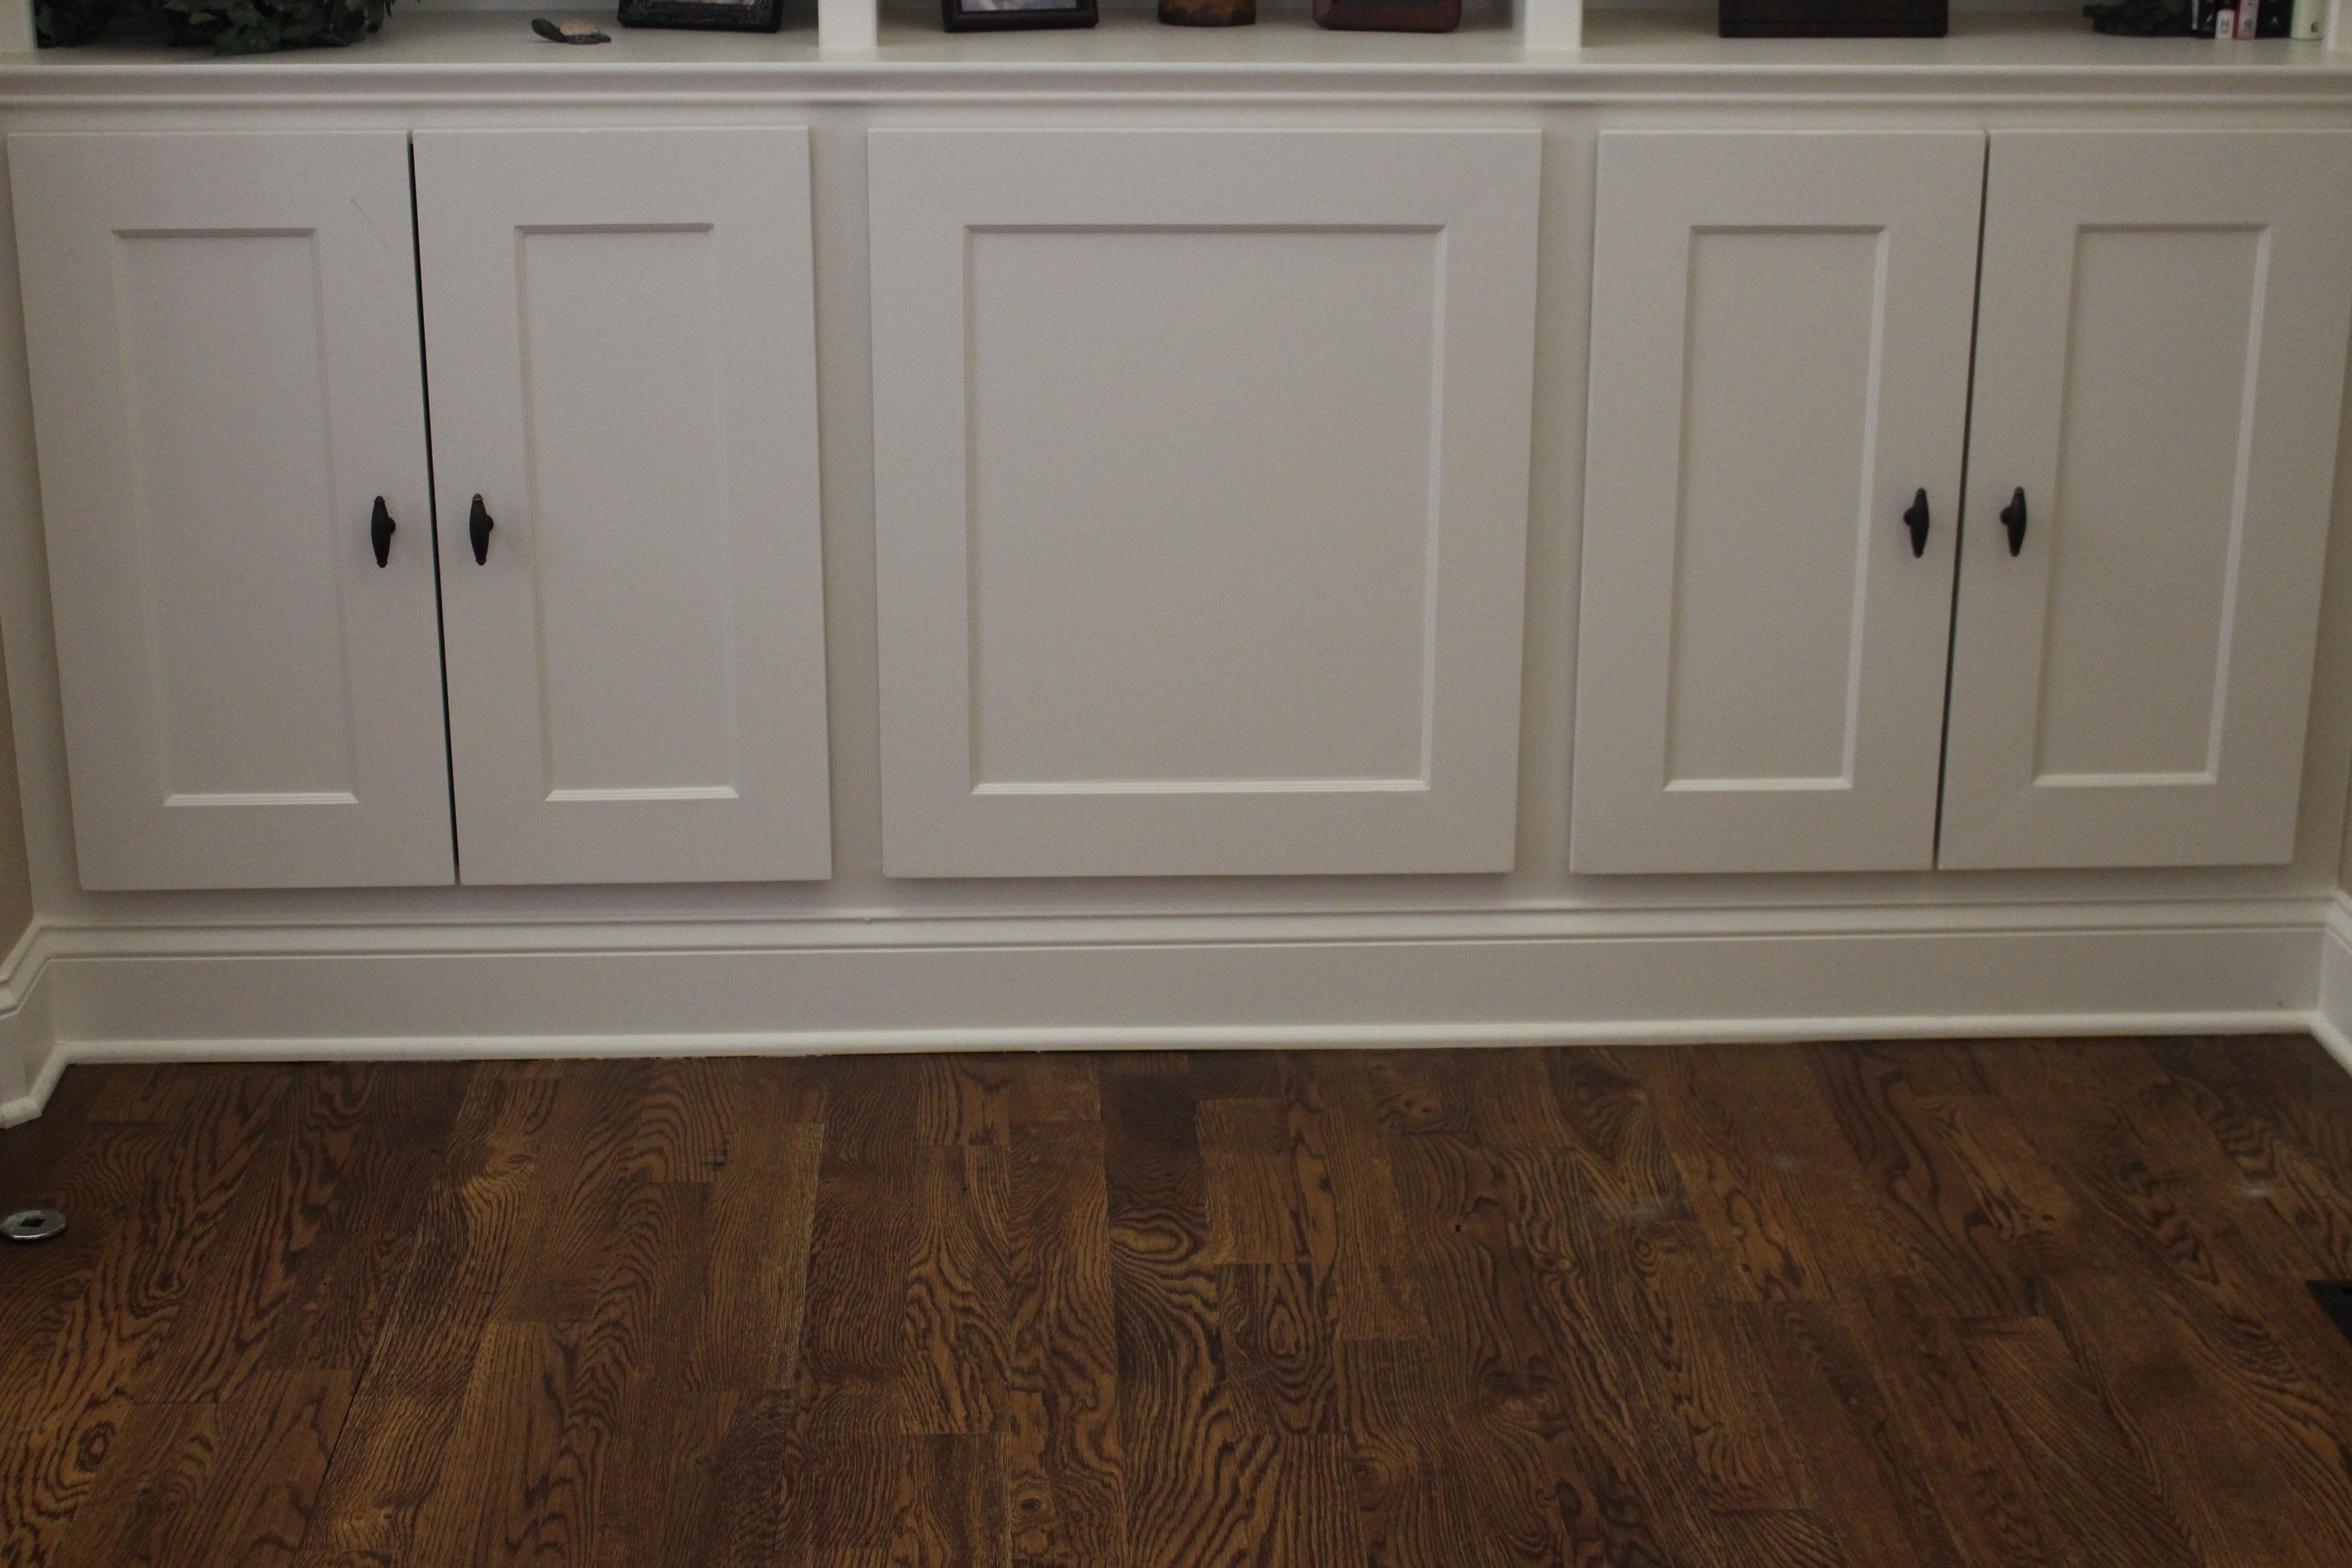 doors on bookshelves